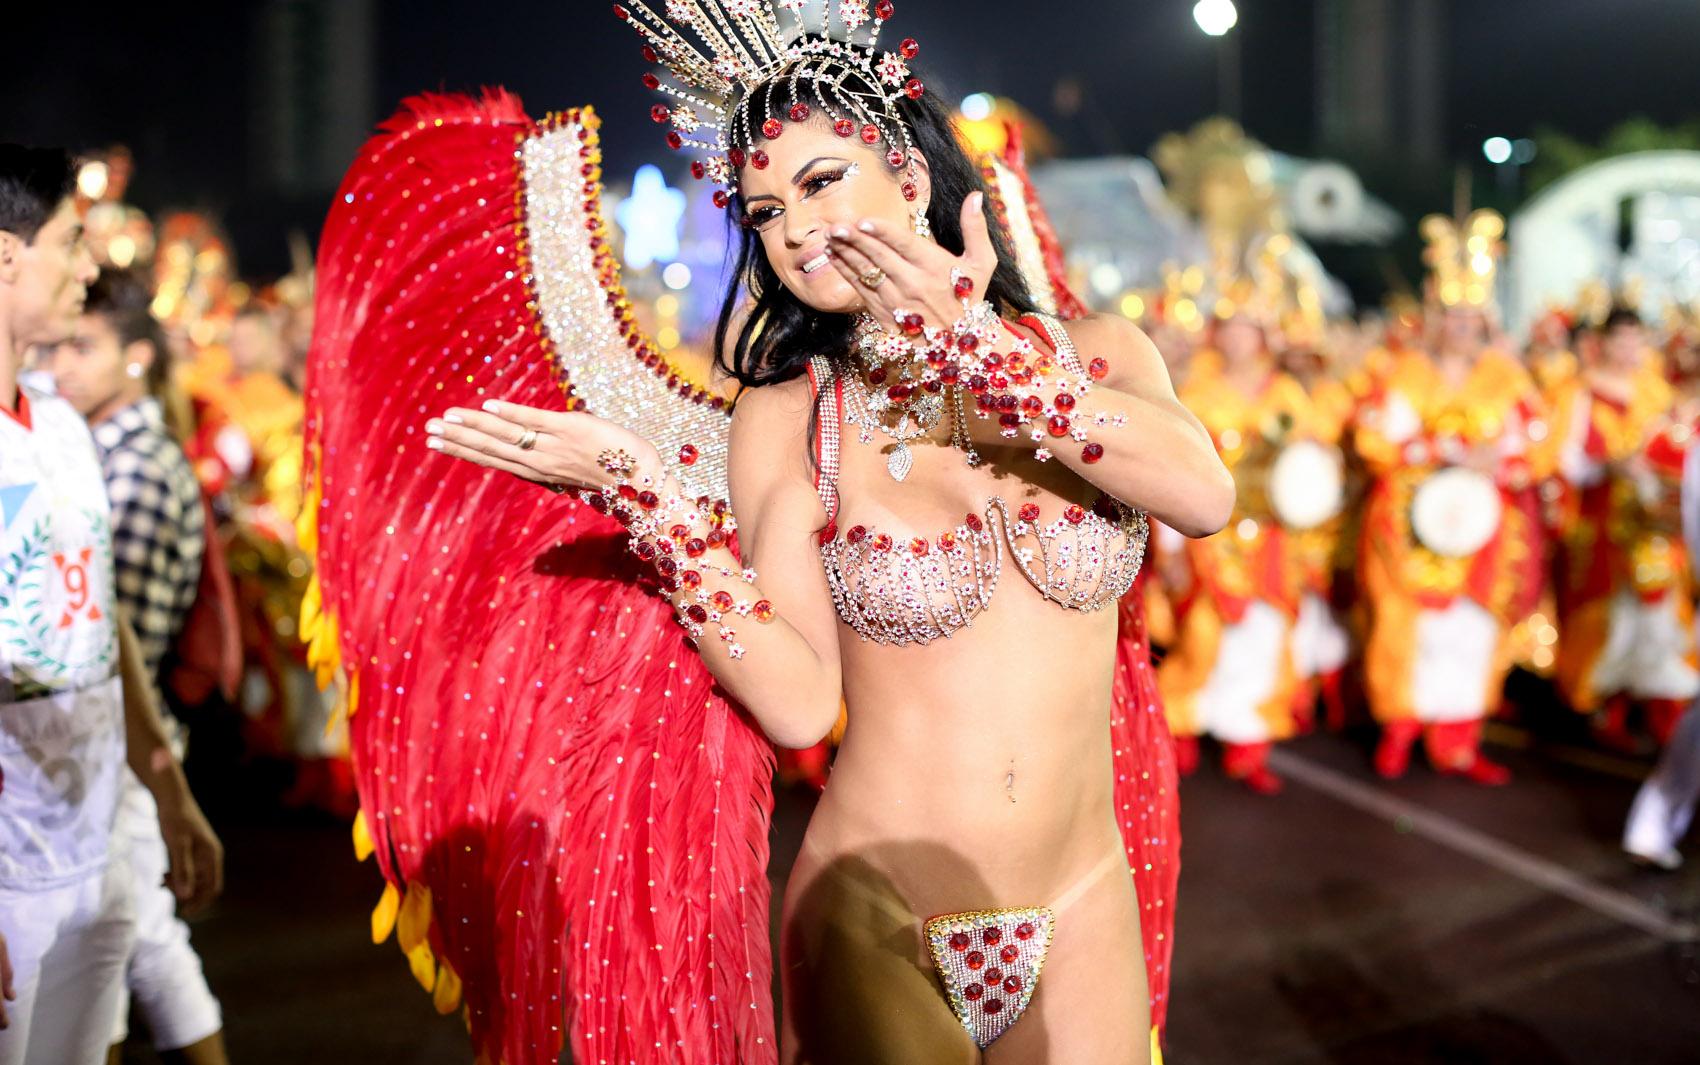 Camila Vernaglia, terceiro lugar no Miss Bumbum Brasil 2012, é destaque da X-9 Paulistana